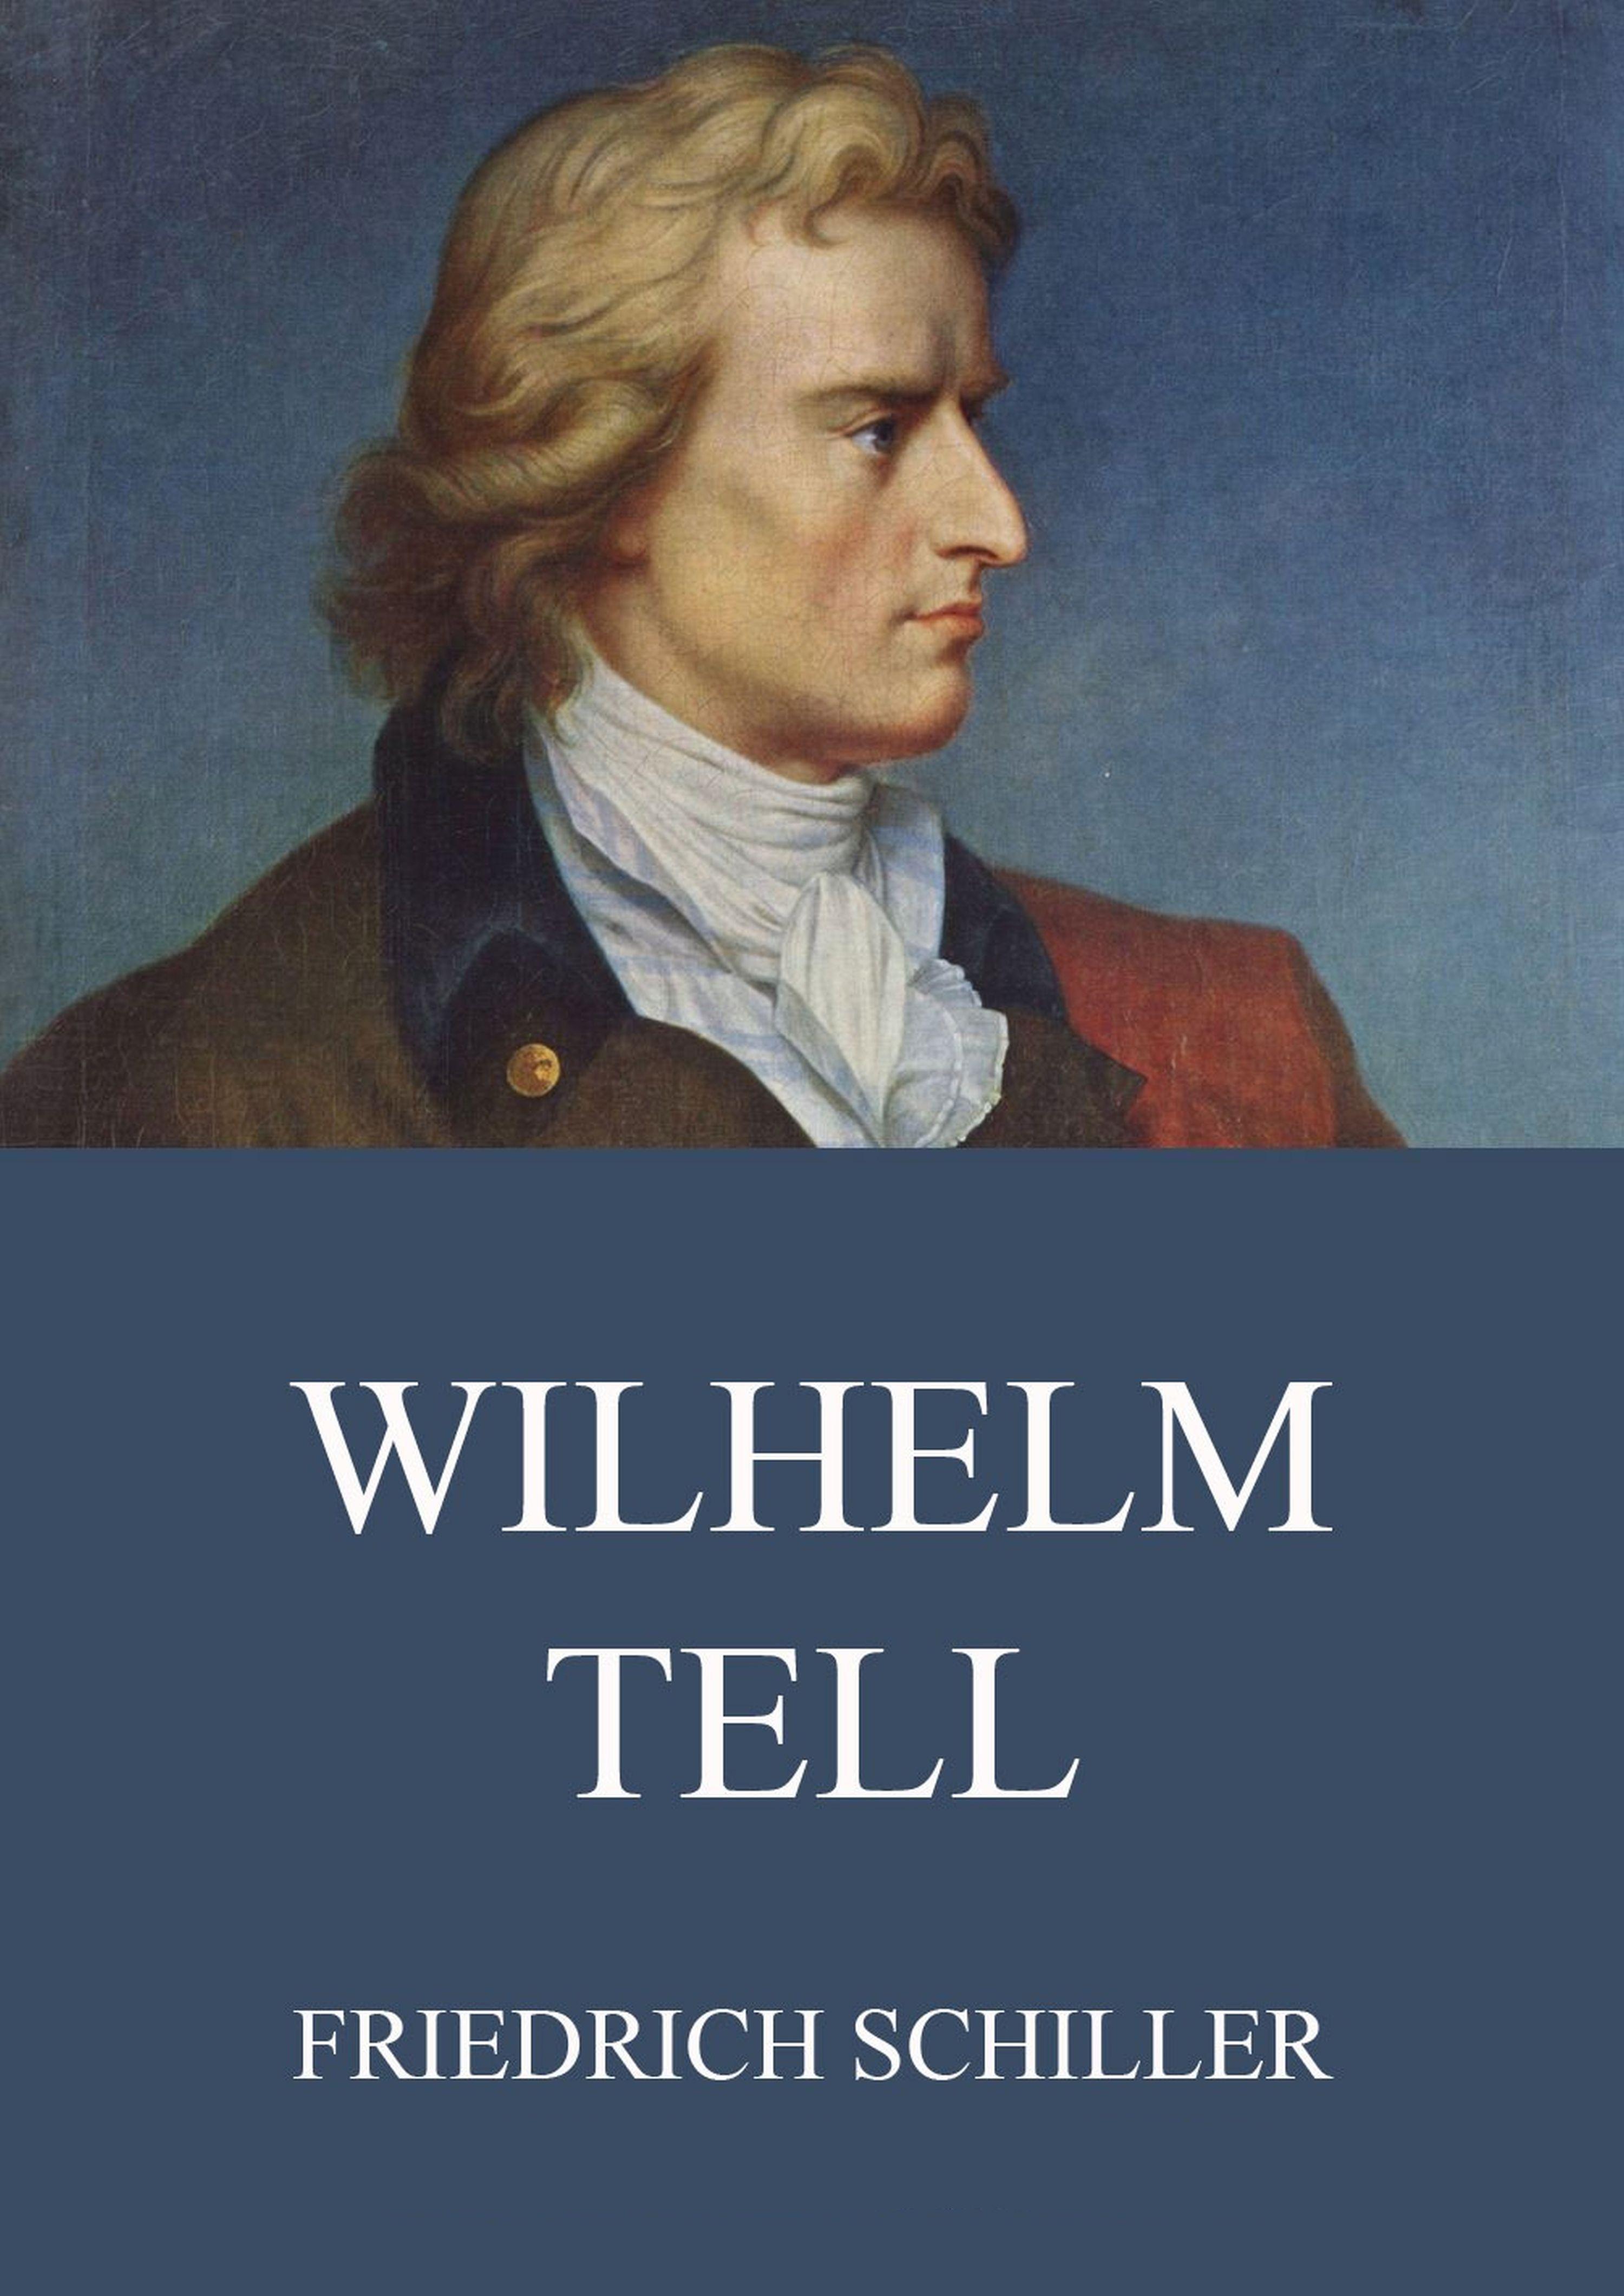 Friedrich Schiller Wilhelm Tell